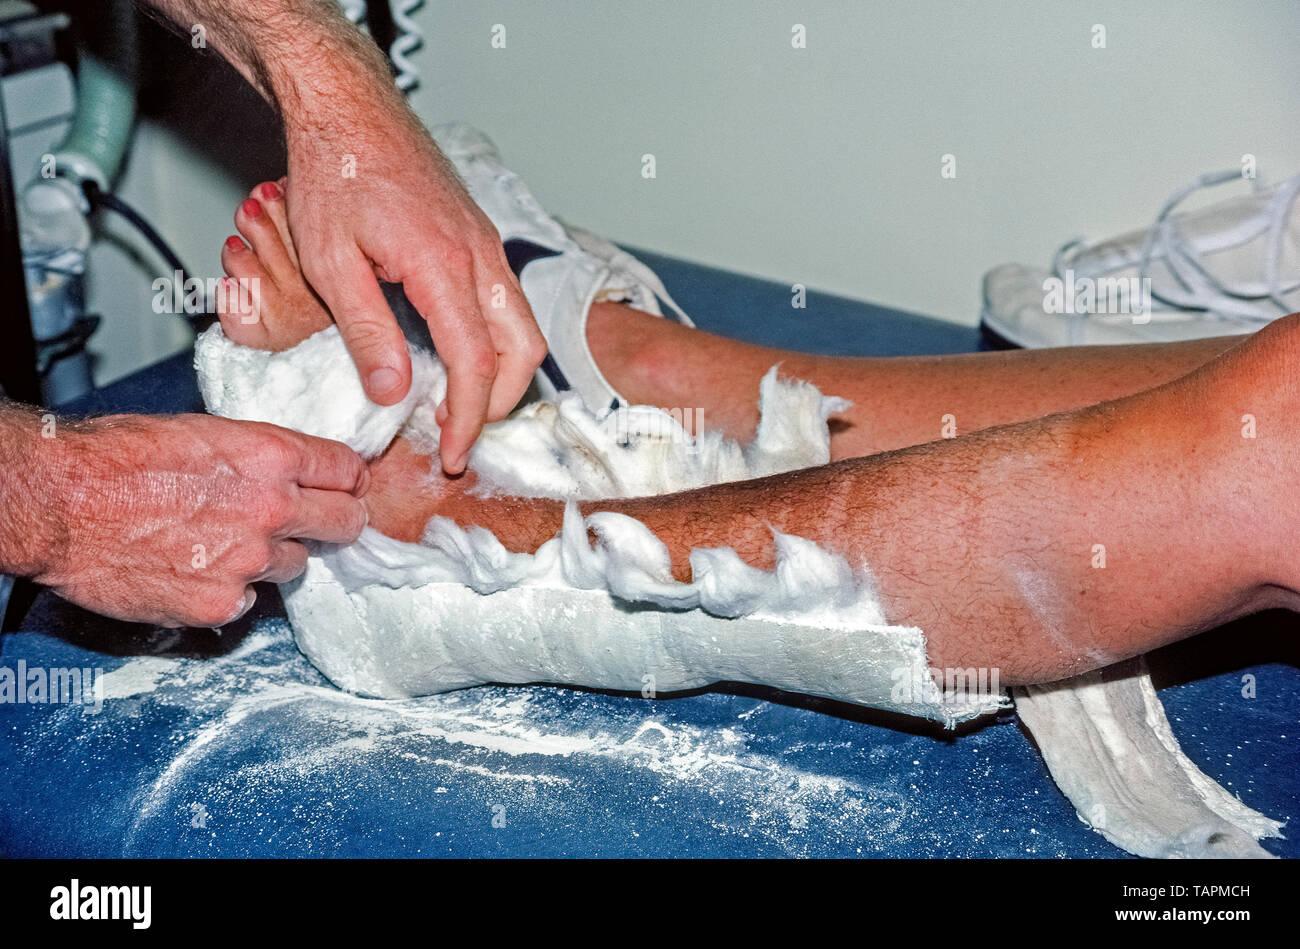 Ein orthopädischer Arzt zerreißt die schützende Auskleidung aus Baumwolle im Gips, dass die gebrochenen Knöchel einer kaukasischen Frau unterstützt, während die gebrochene Knochen in ihrem linken Bein heilte. Zunächst der Gips wird perforiert mit einem speziellen elektrisch angetriebenen Cast sah mit einem oszillierenden Blade, dass anstelle von Spinnen, die verhindert, dass die Haut vibriert. Die oszillierende Säge für den medizinischen Einsatz im Jahr 1945 von einem amerikanischen orthopädischen Chirurgen patentiert wurde, Dr. Homer Stryker, und es ist immer noch die häufigste Form - schneiden Heute sah im Einsatz. Stockbild